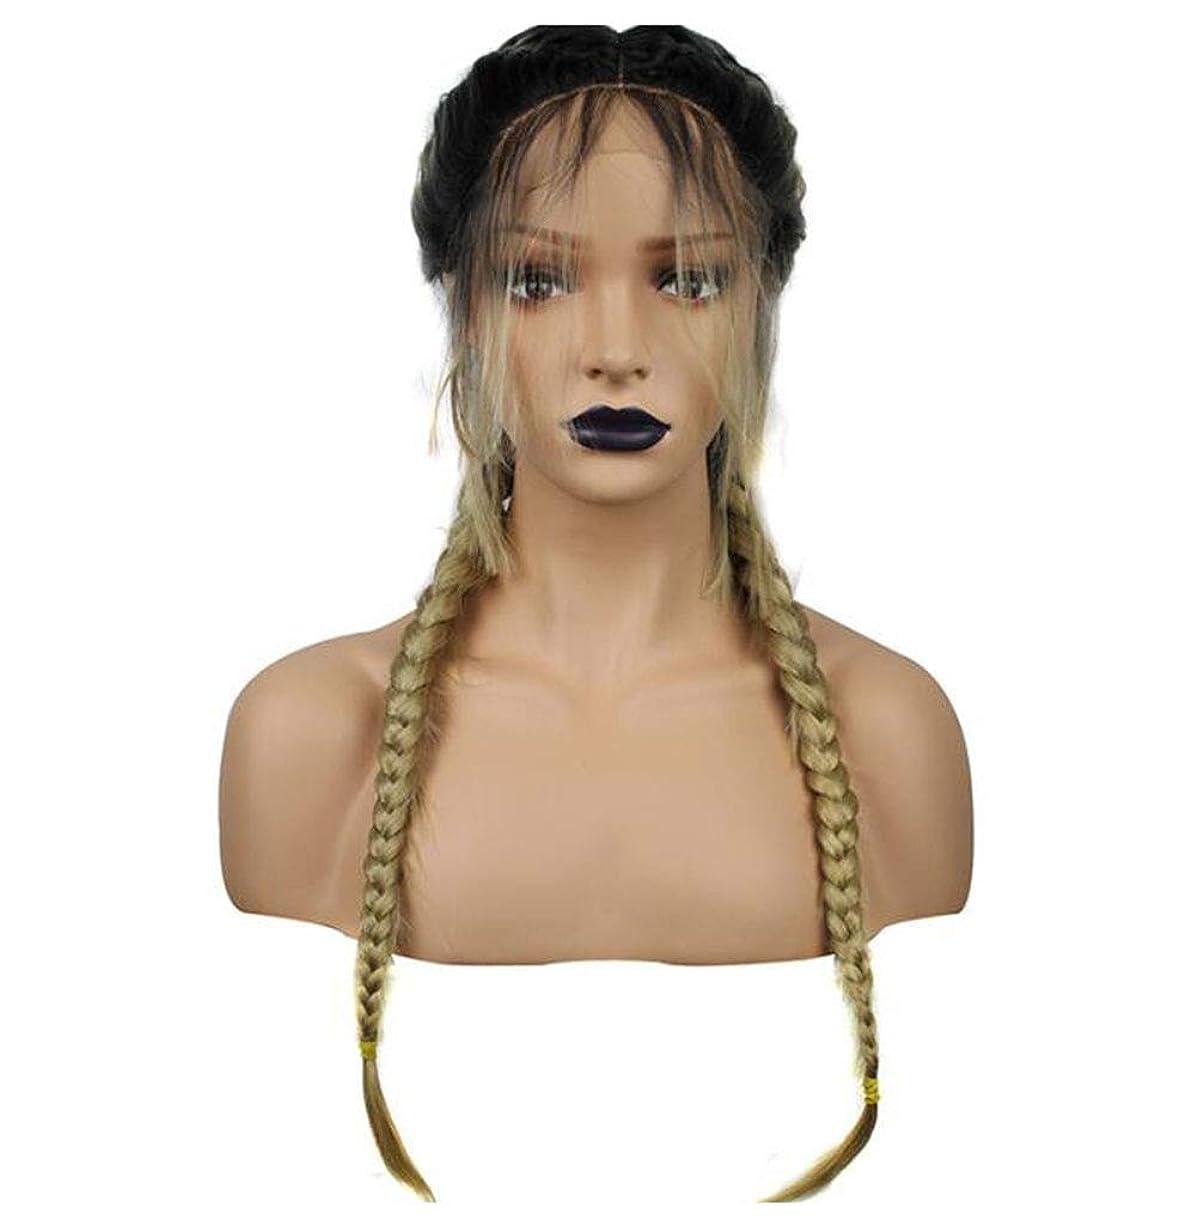 パッド検索エンジンマーケティング物理的に合成レースフロントかつら、コスプレパーティーのための長いふわふわ26インチヘアピースヘアエクステンションハーフハンド織りグラデーションダブルダイスカーリー用女性